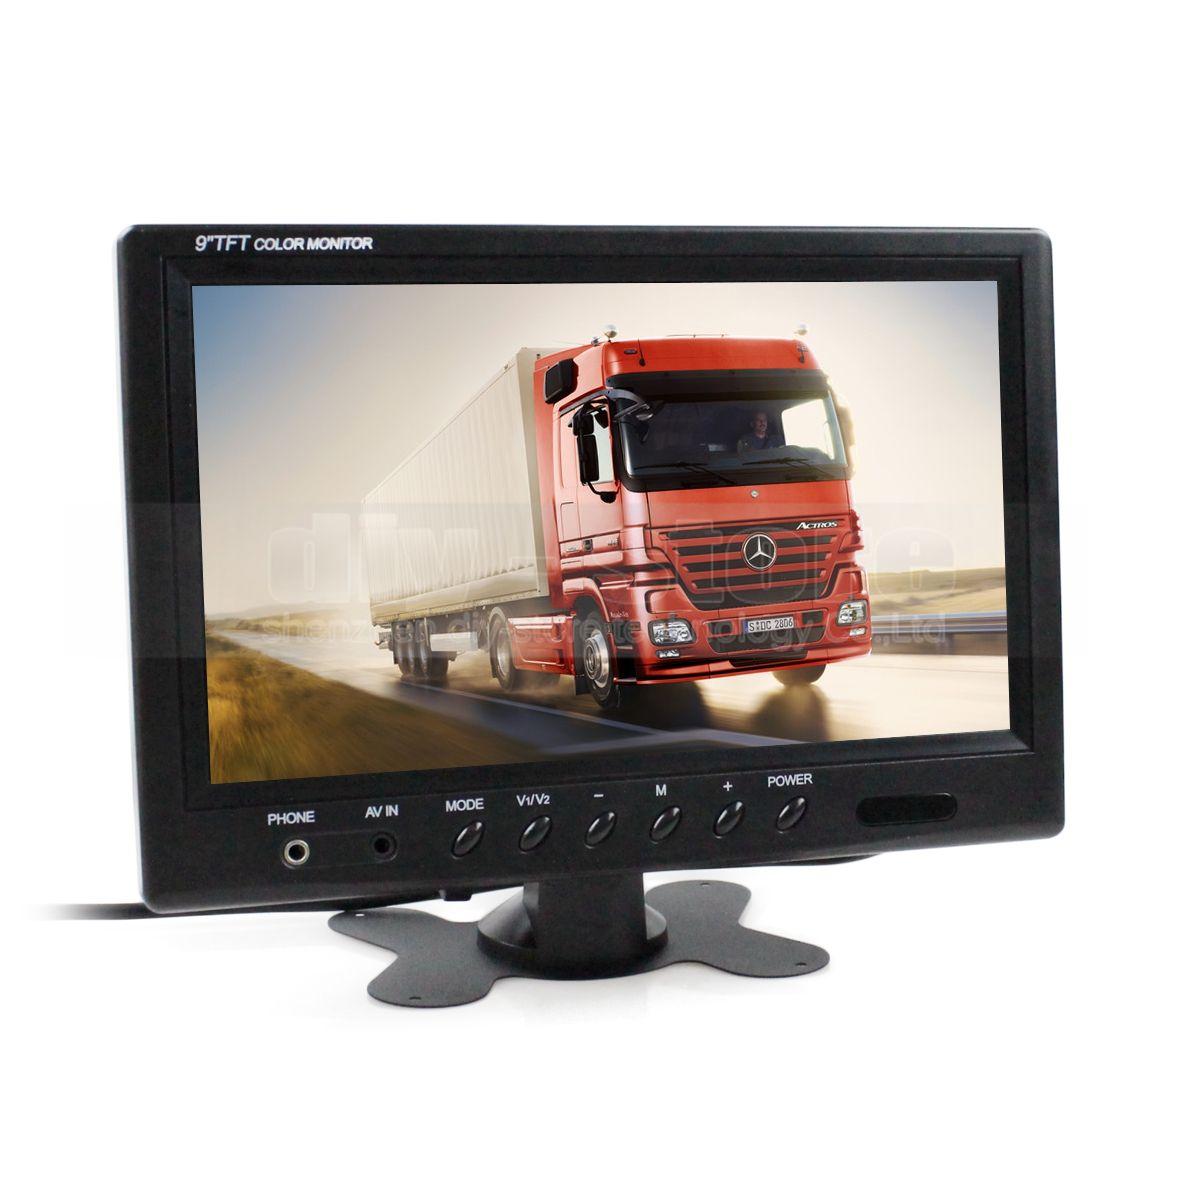 Pantalla de monitor de monitoreo de seguridad de video monitor TFT LCD HD del monitor de la vista posterior del monitor de 9 pulgadas Vista posterior con entrada BNC / AV